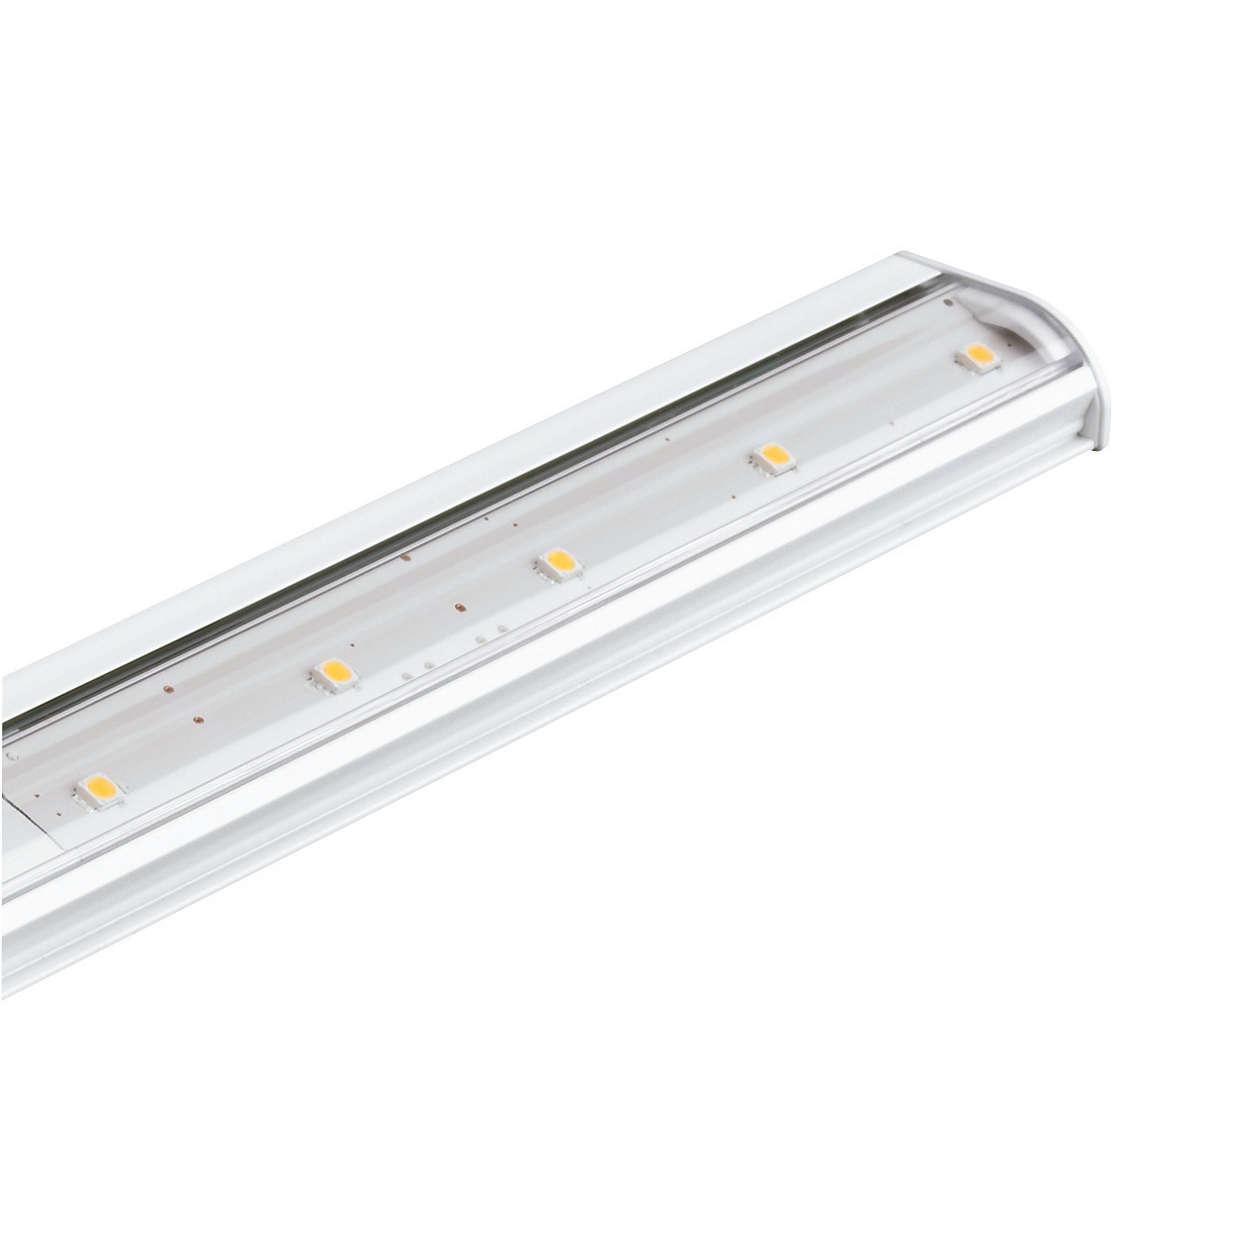 eW Profile Powercore - Apparecchio LED a luce bianca sotto pensile con un profilo ultrasottile